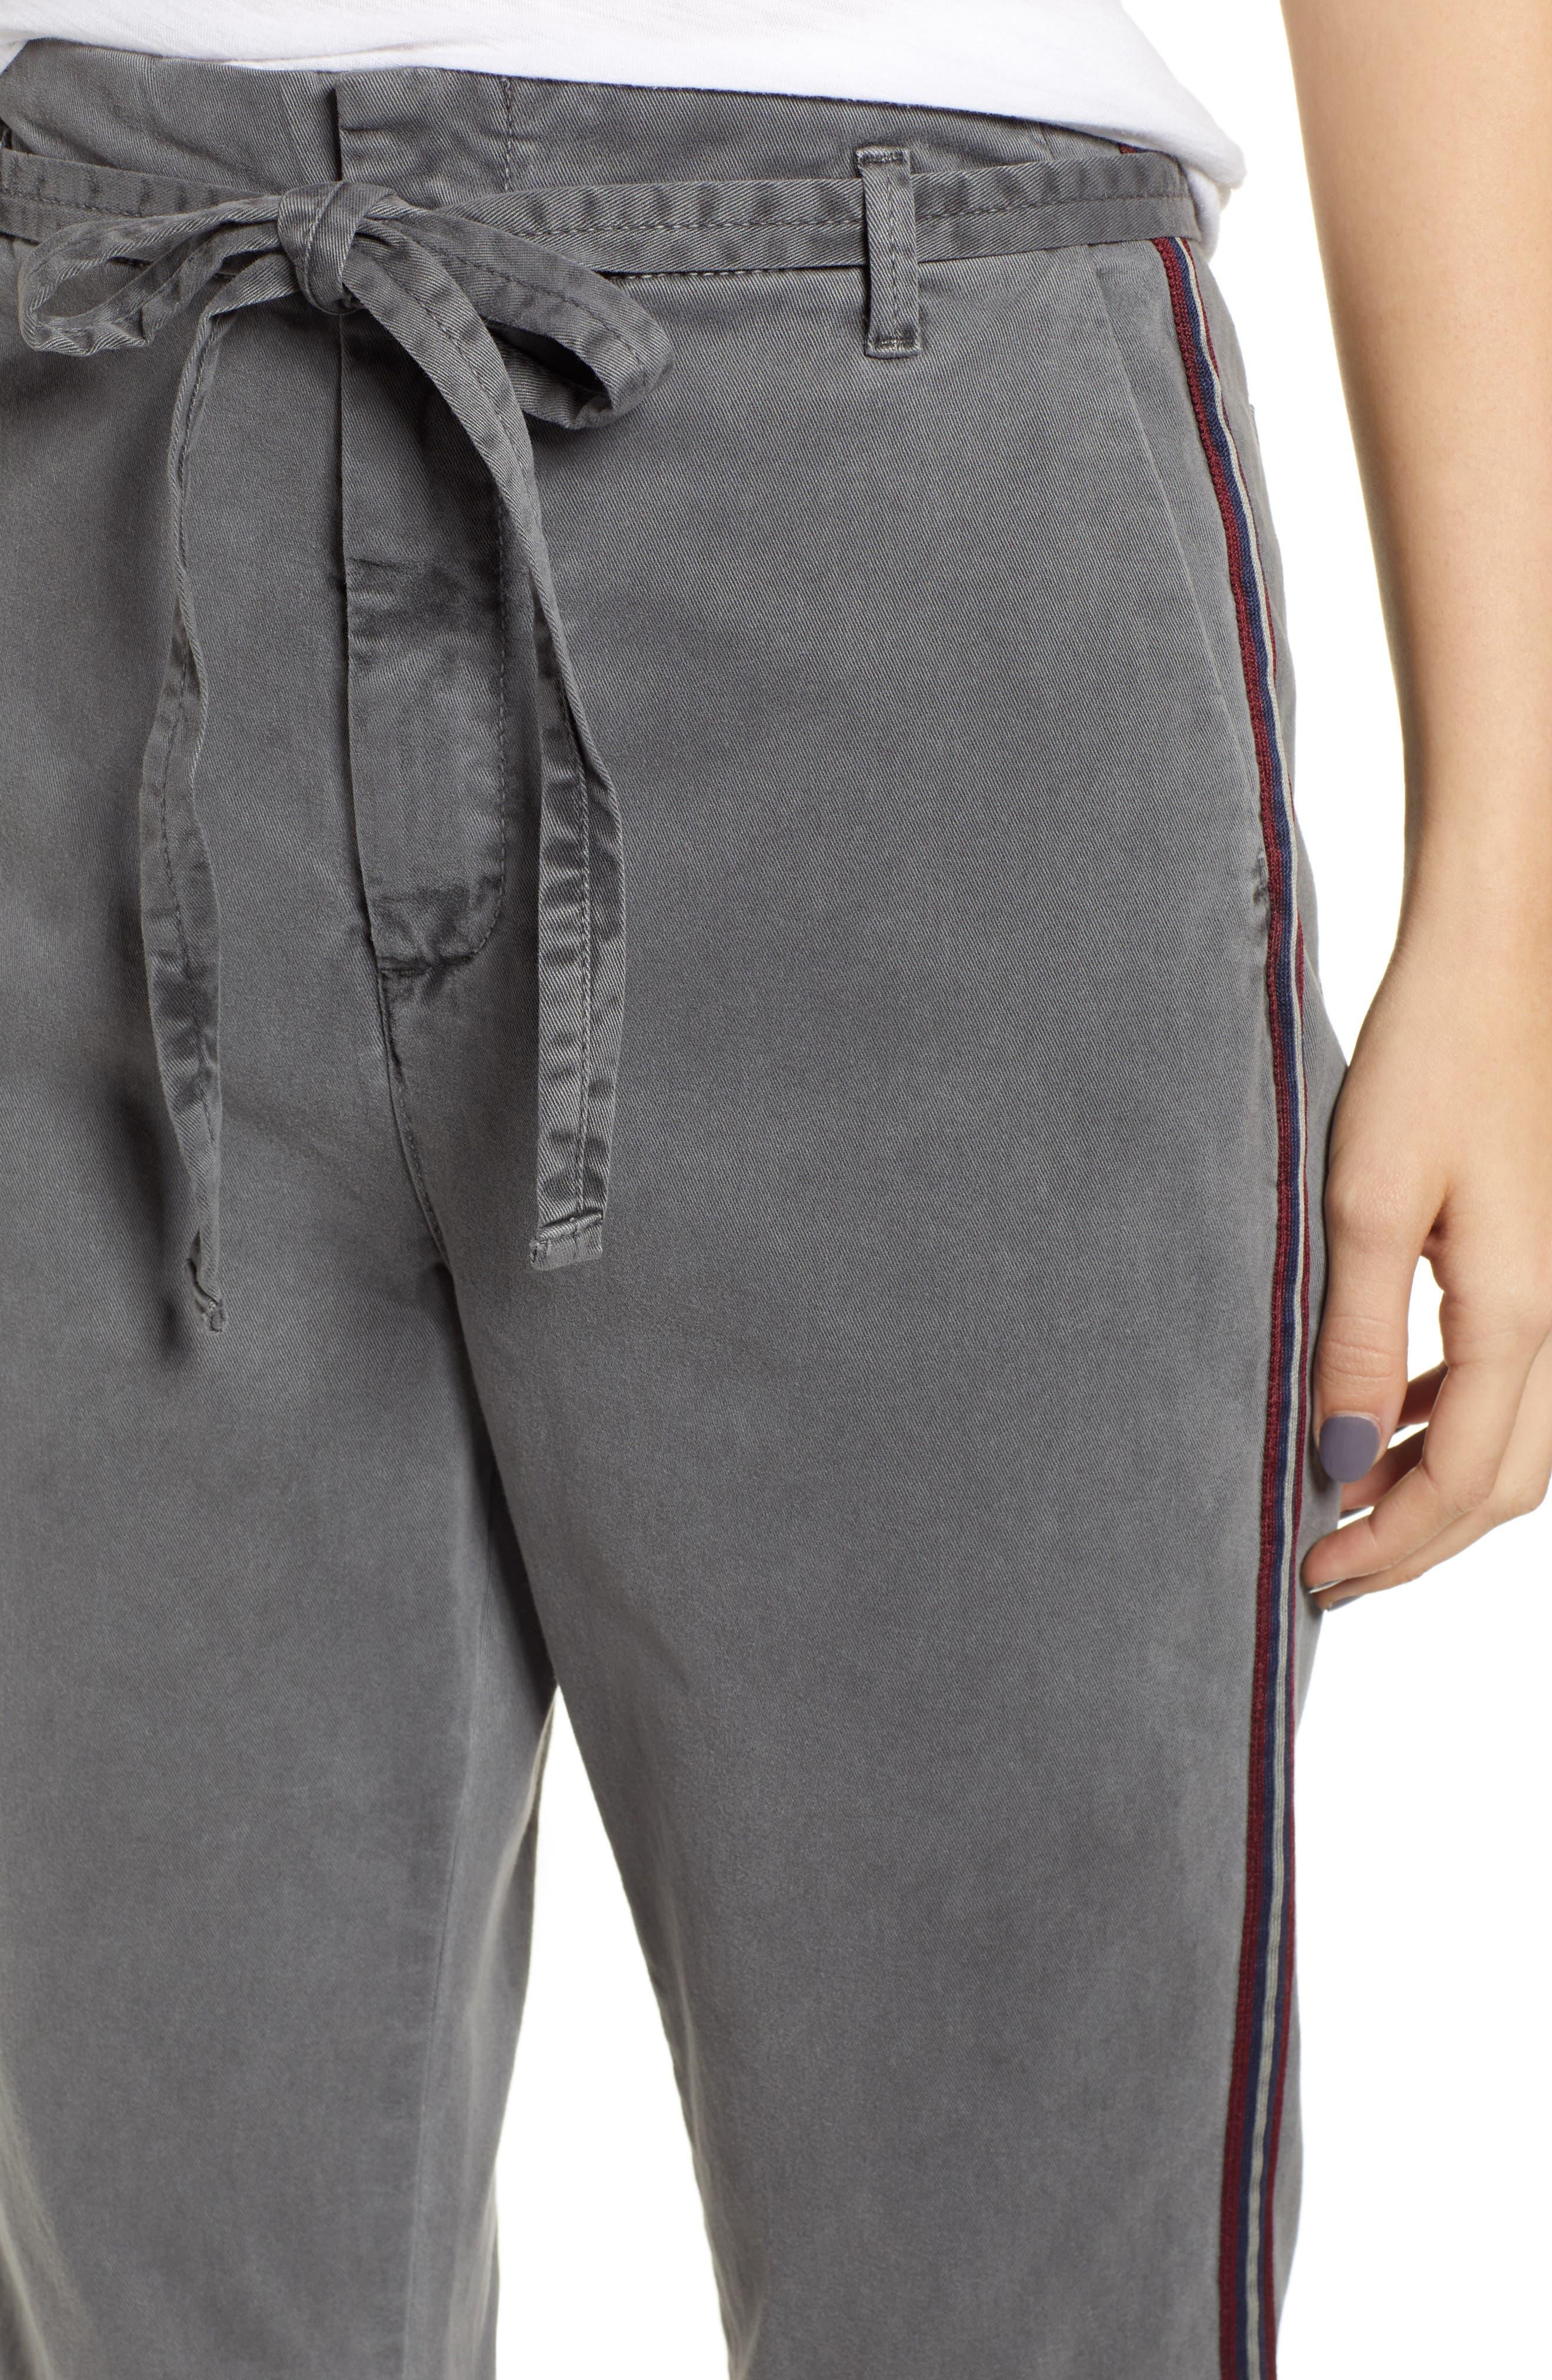 L'Automne Pants,                             Alternate thumbnail 4, color,                             020